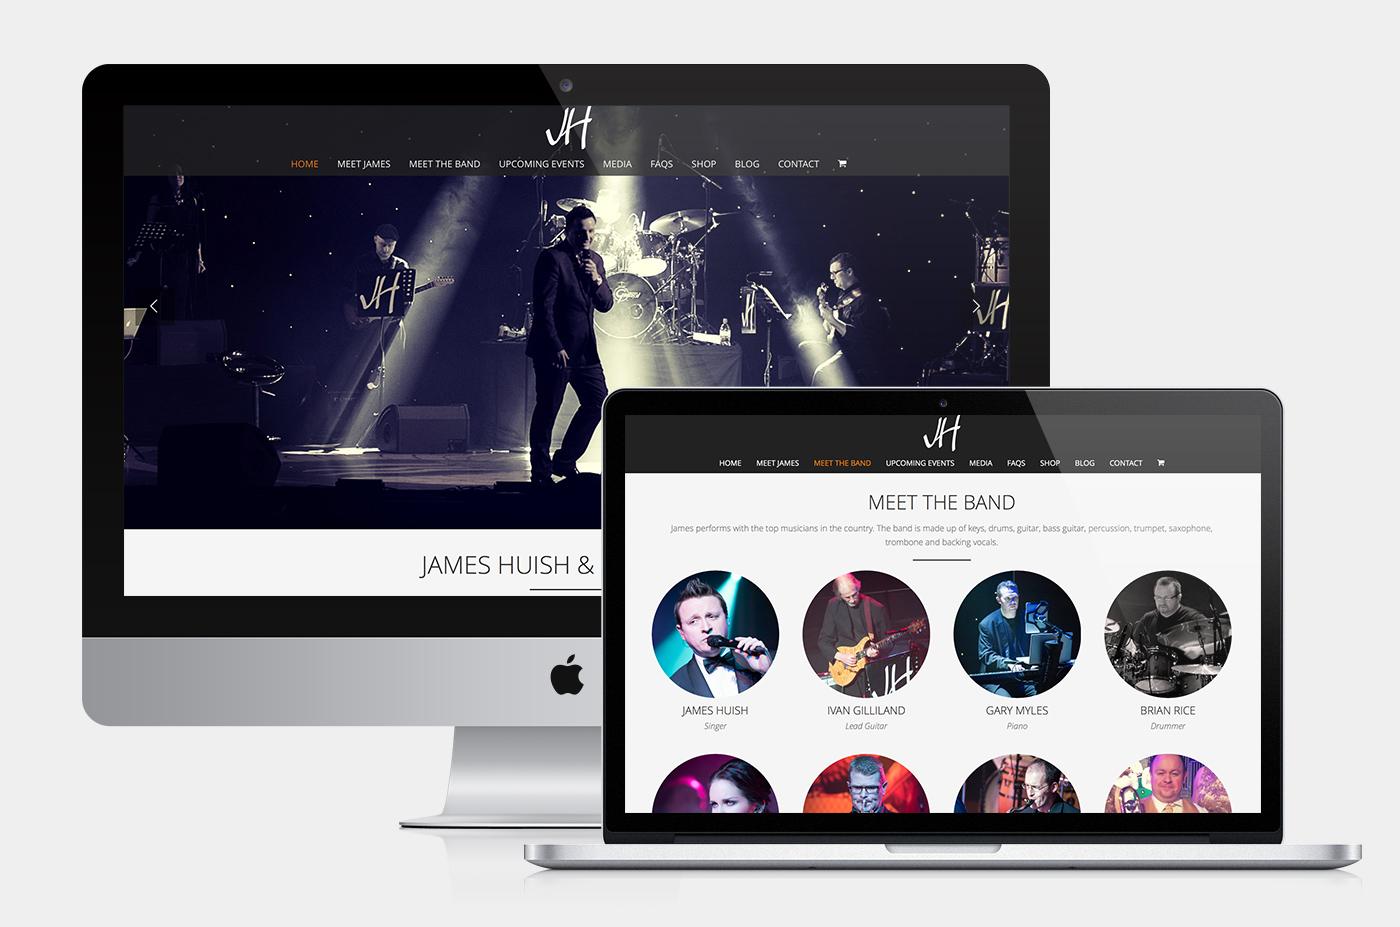 James Huish Website